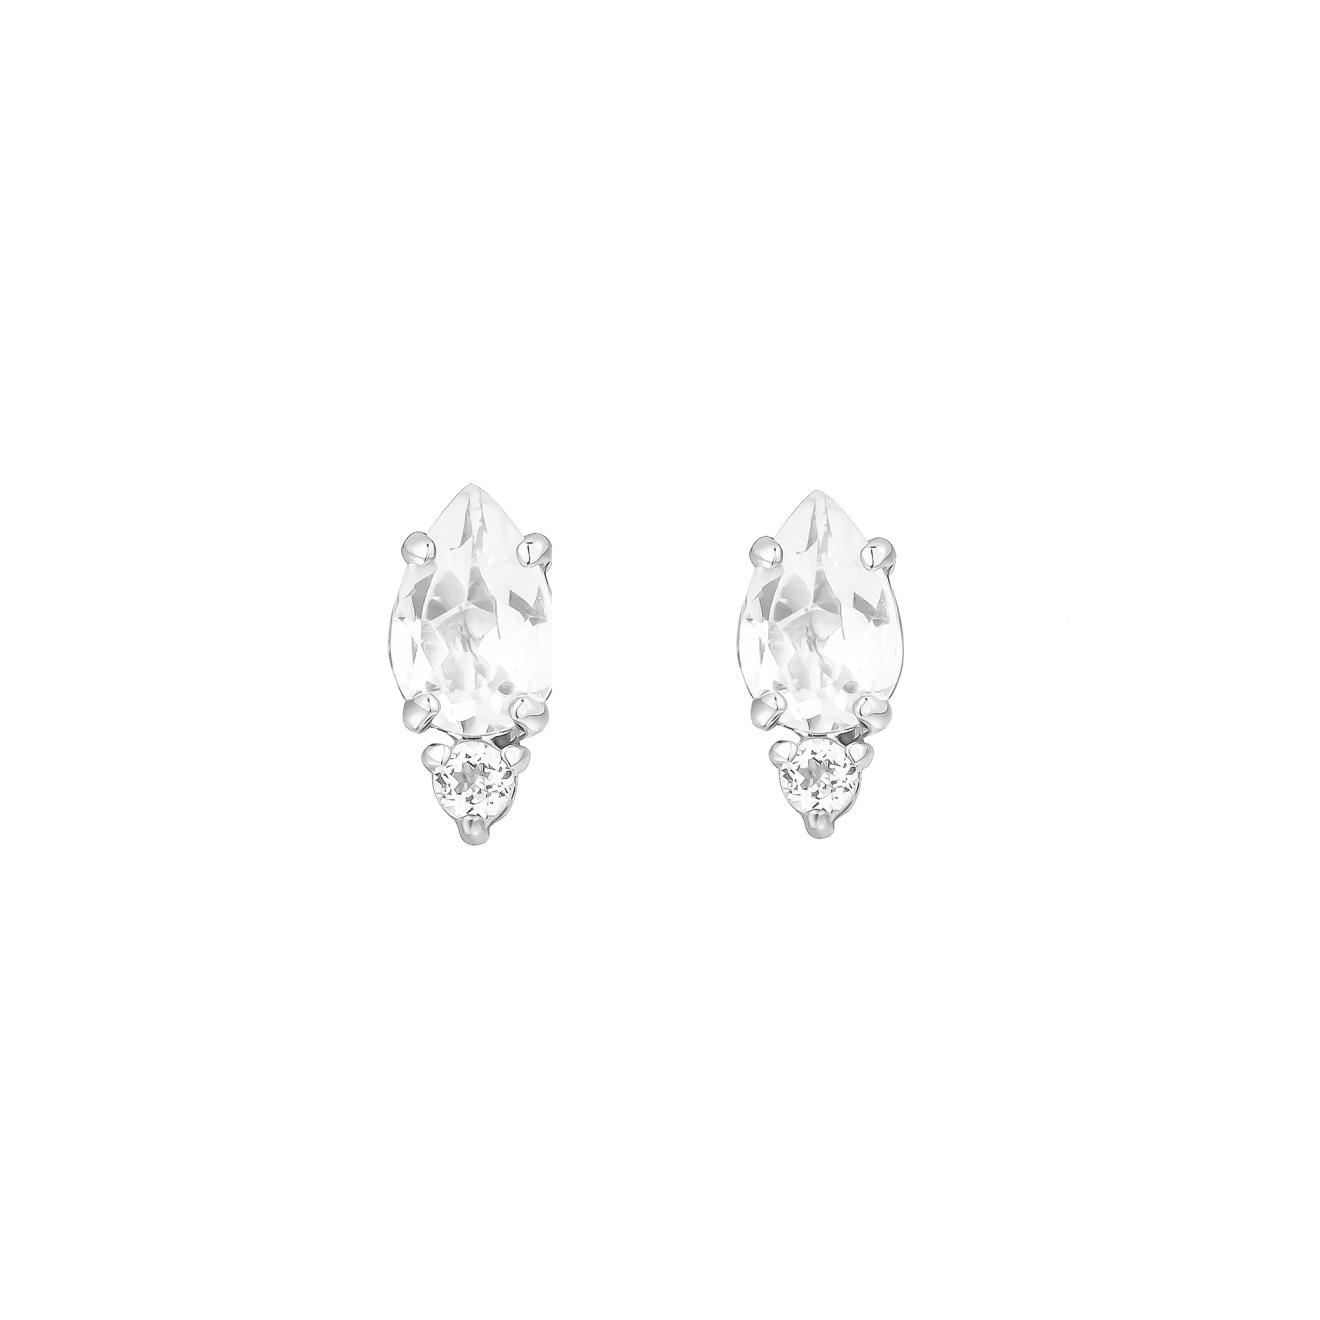 Moonka studio Серьги-пусеты из серебра с белым топазом